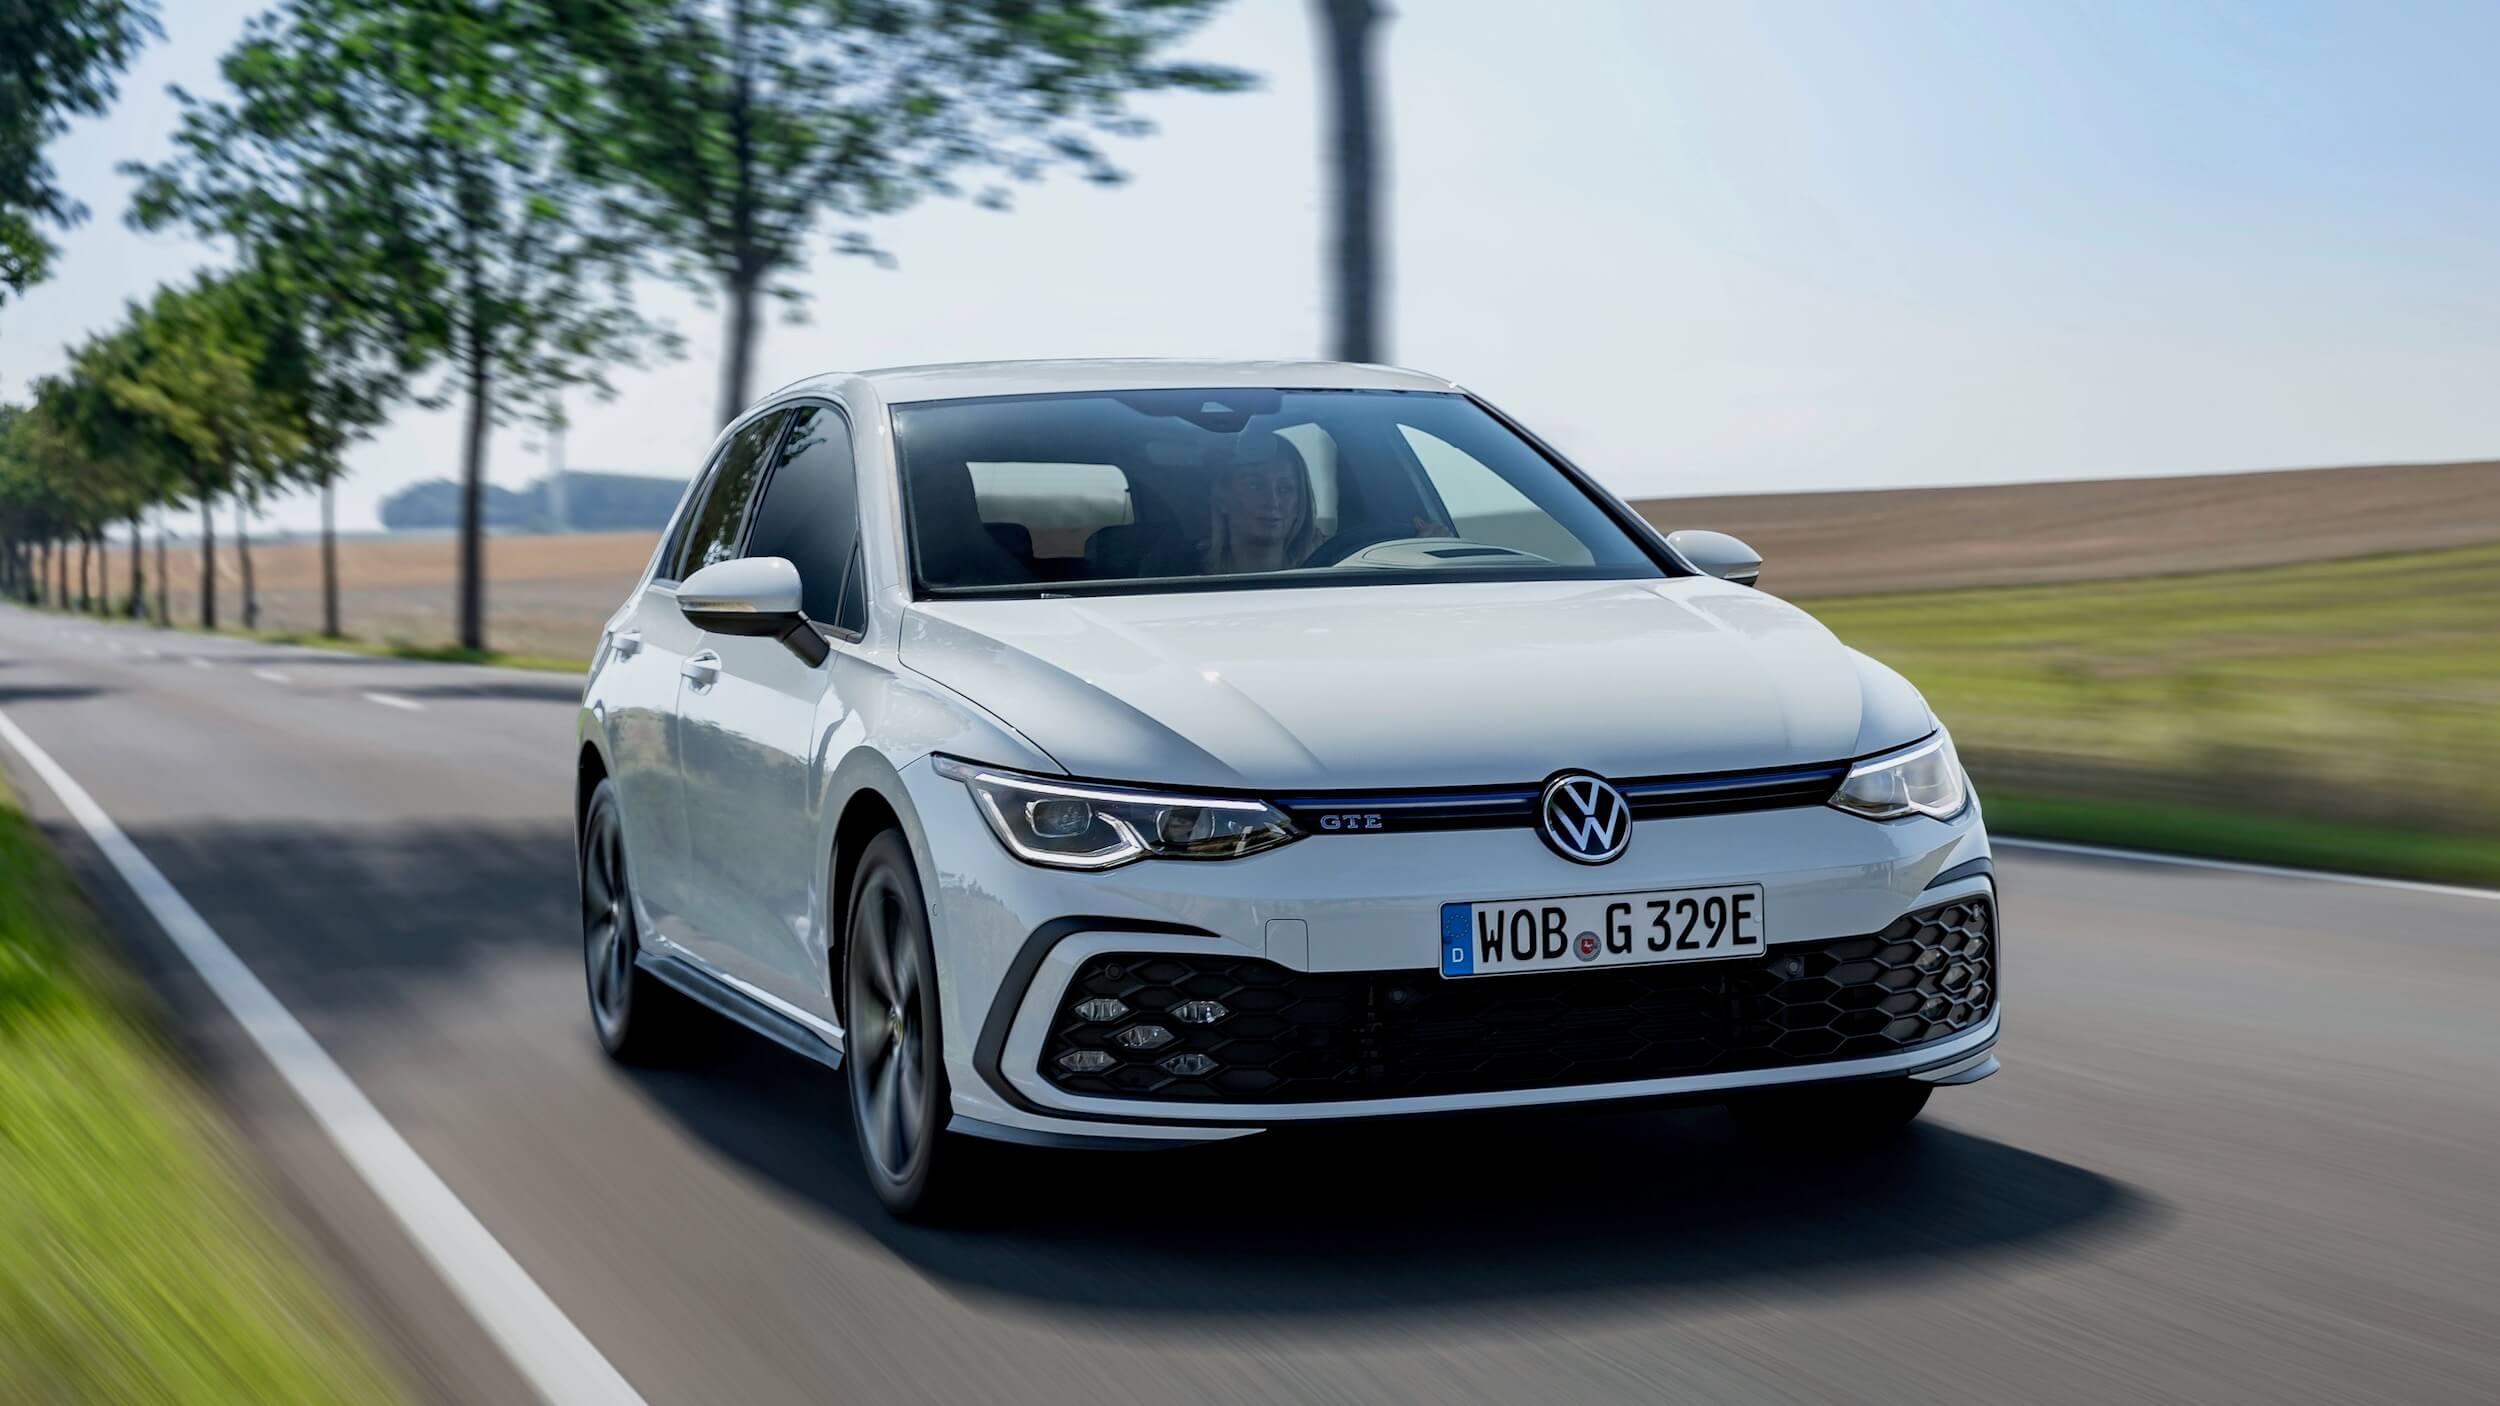 VW Golf VIII GTE